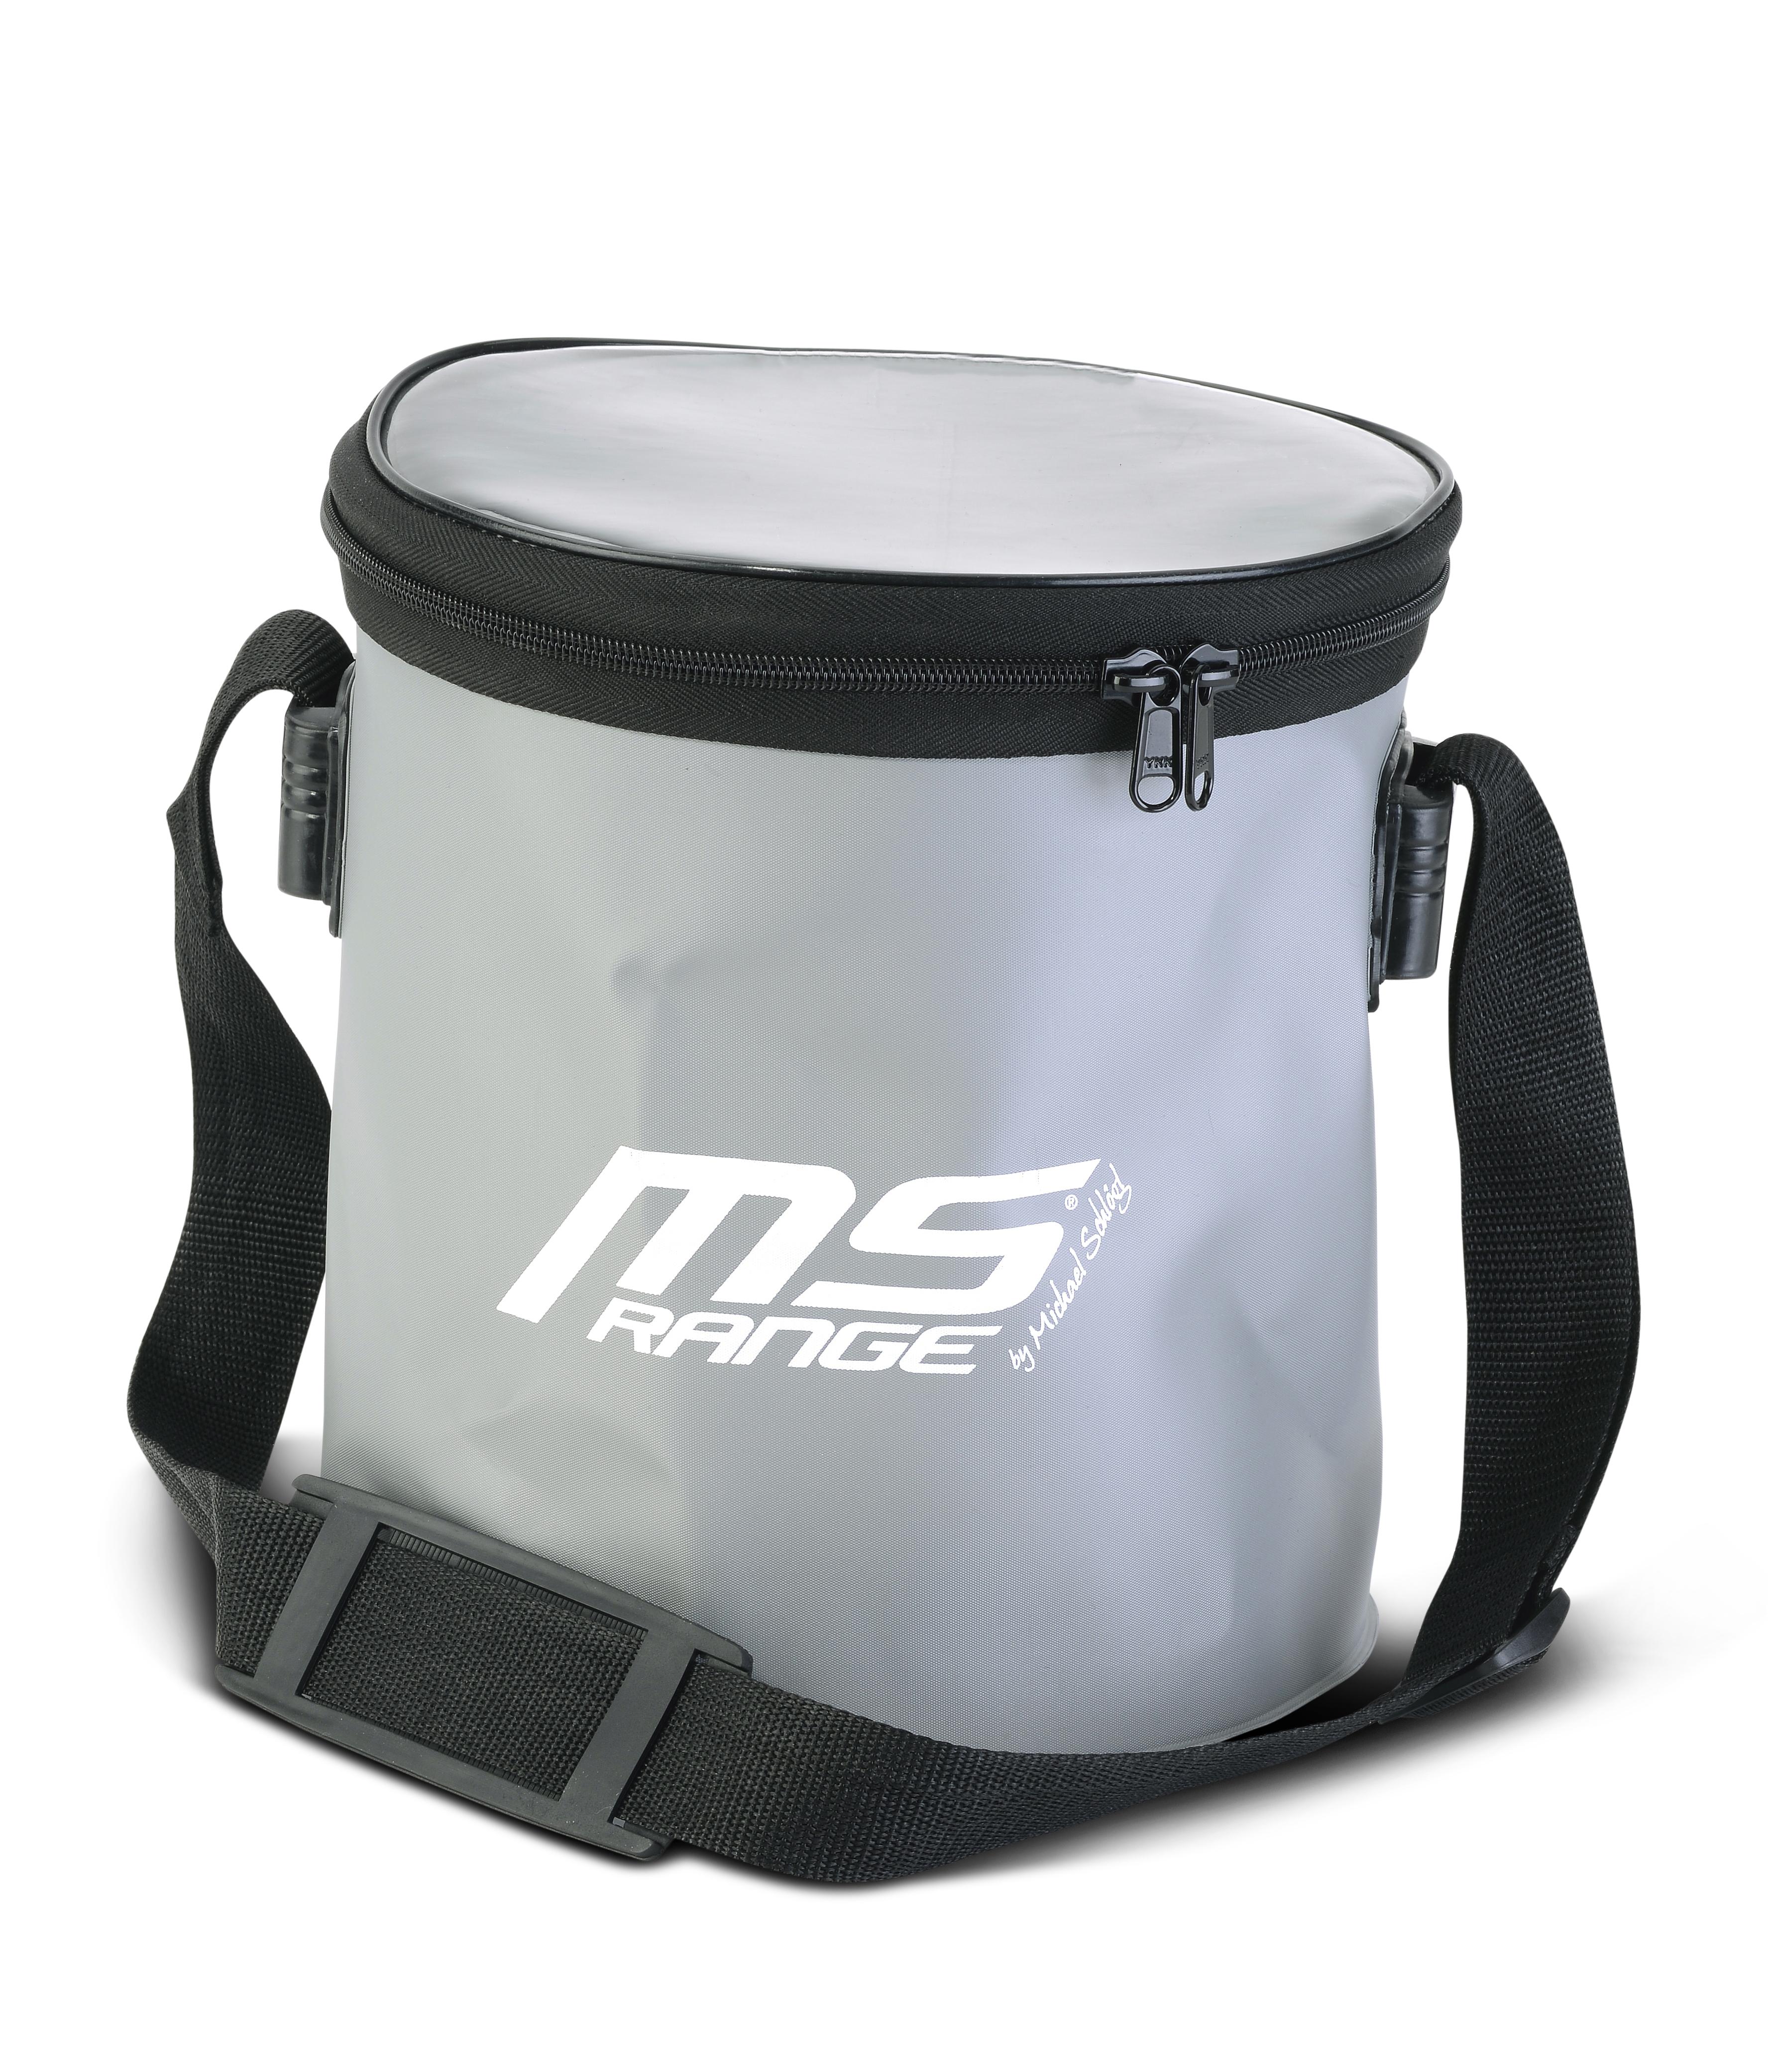 Saenger - Kbelík MS Range  Bait Bowl II Velikost M